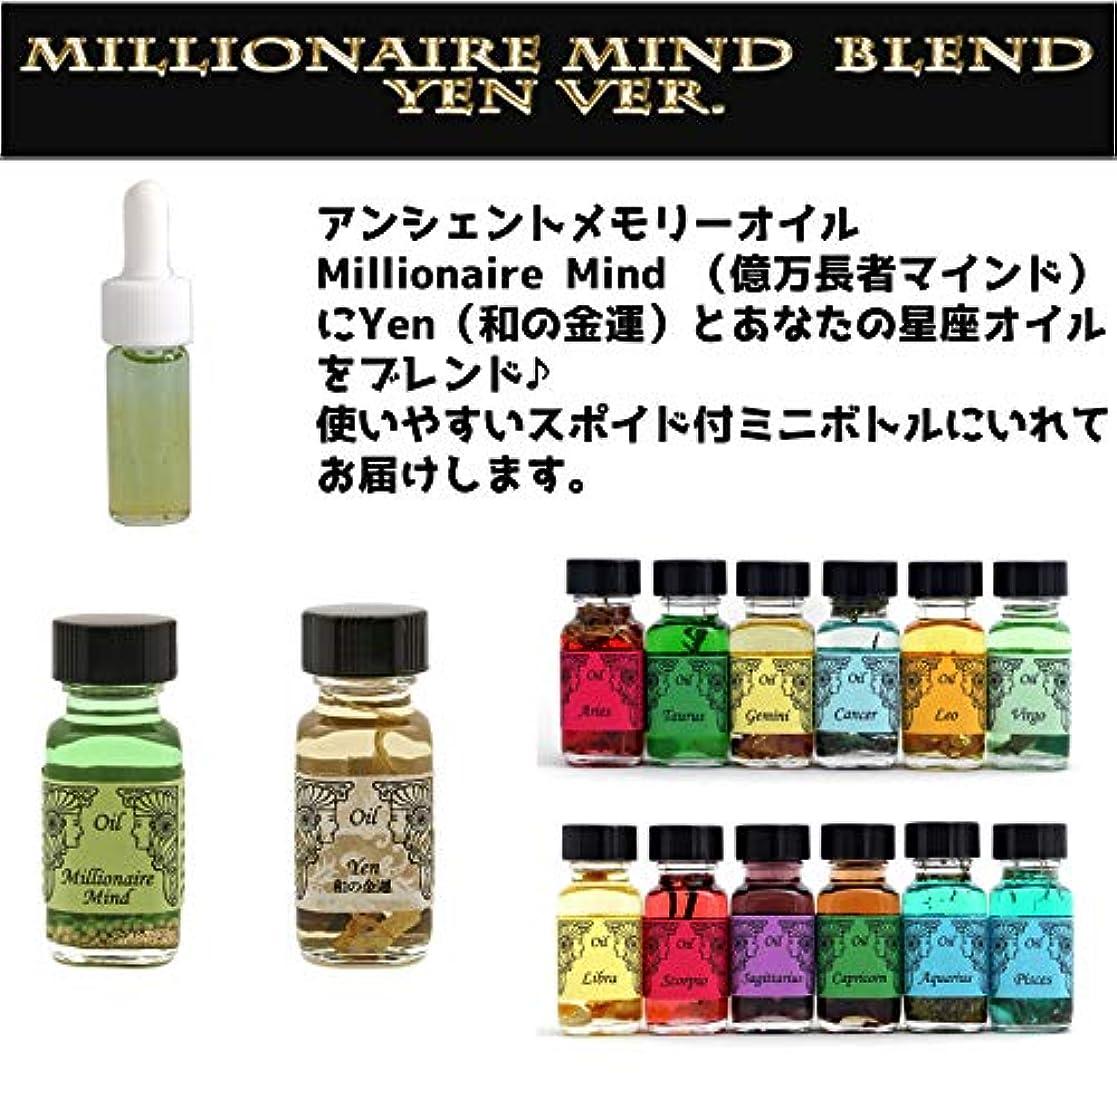 コンテンツ心理学前提条件アンシェントメモリーオイル Millionaire Mind 億万長者マインド ブレンド【Yen 和の金運&しし座】